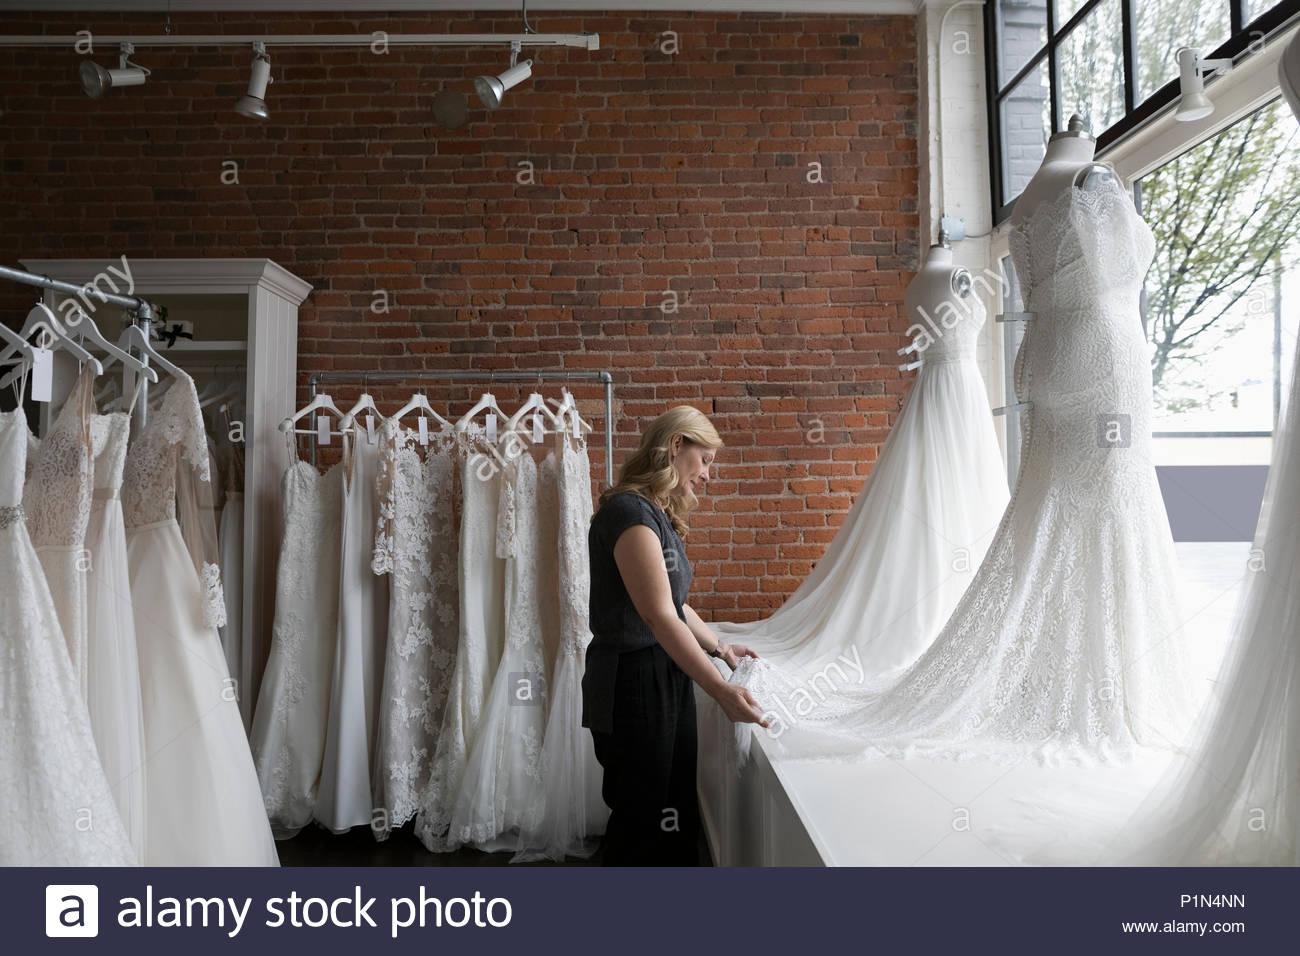 Bridal Boutique Eigentümer Organisation Hochzeit Kleid Fenster aufzurufen. Stockbild